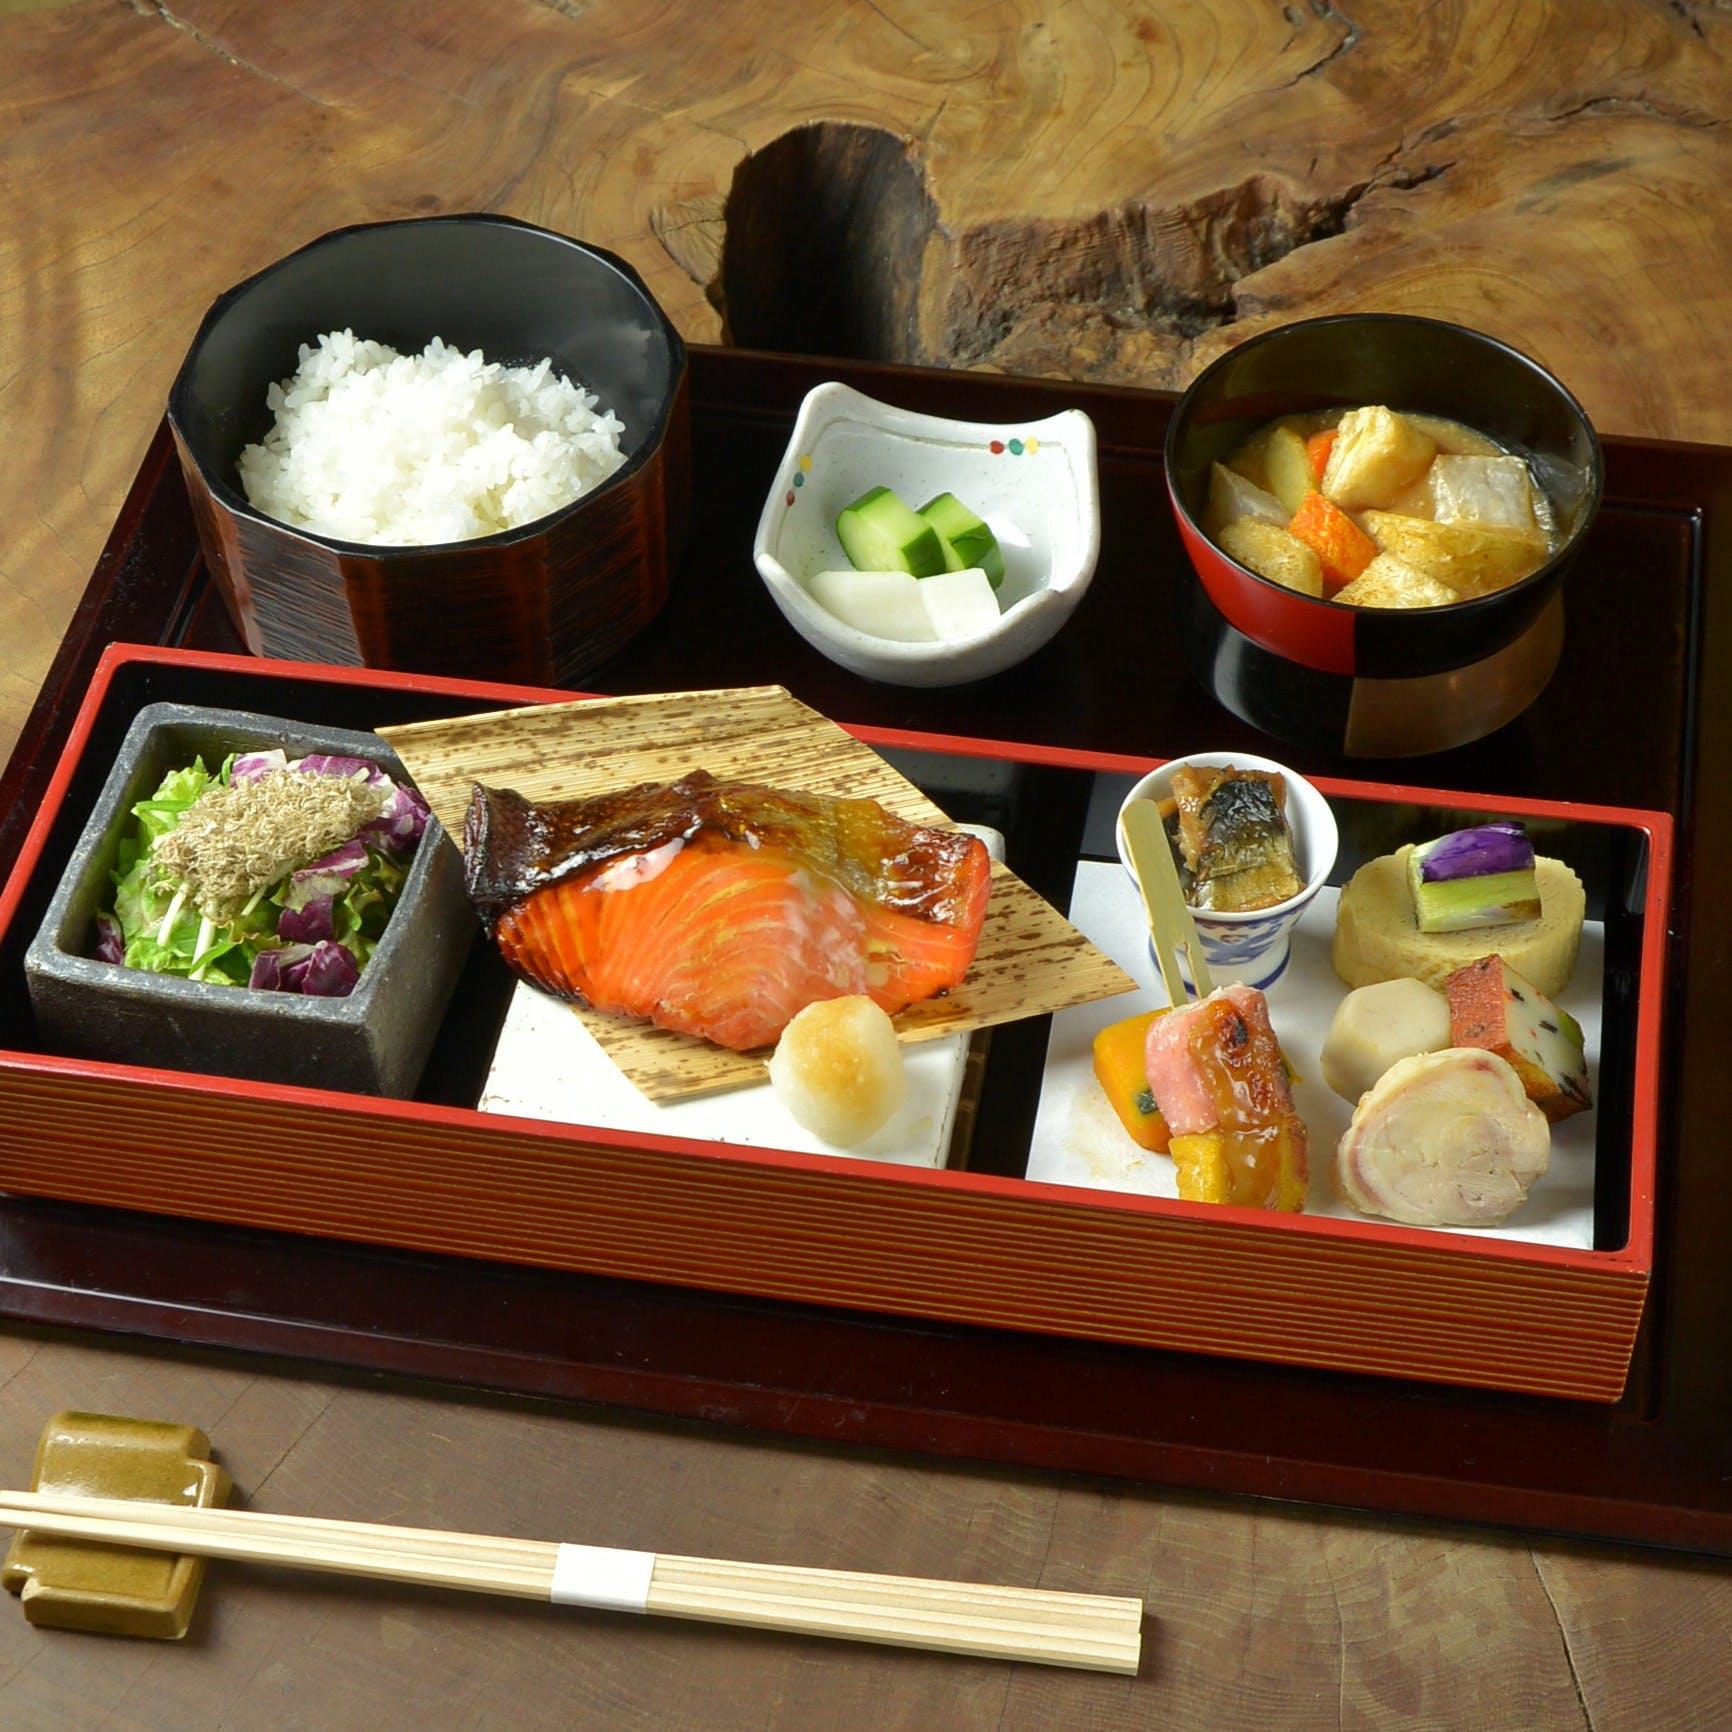 各産地から届く旬味に出逢う 神楽坂でのお食事